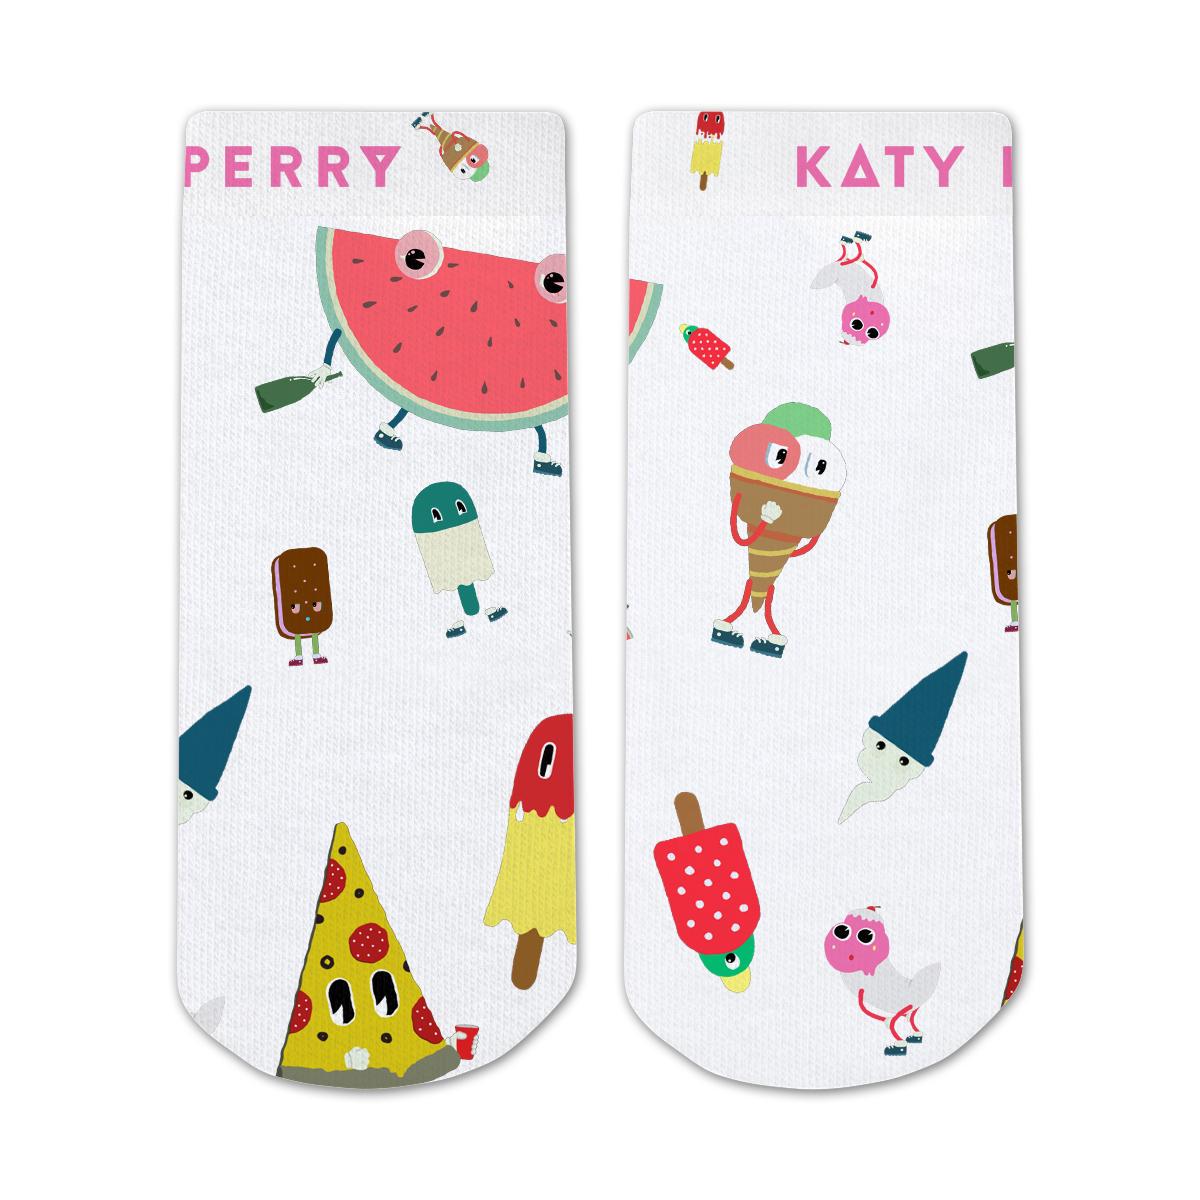 Katy Perry Tour Merch